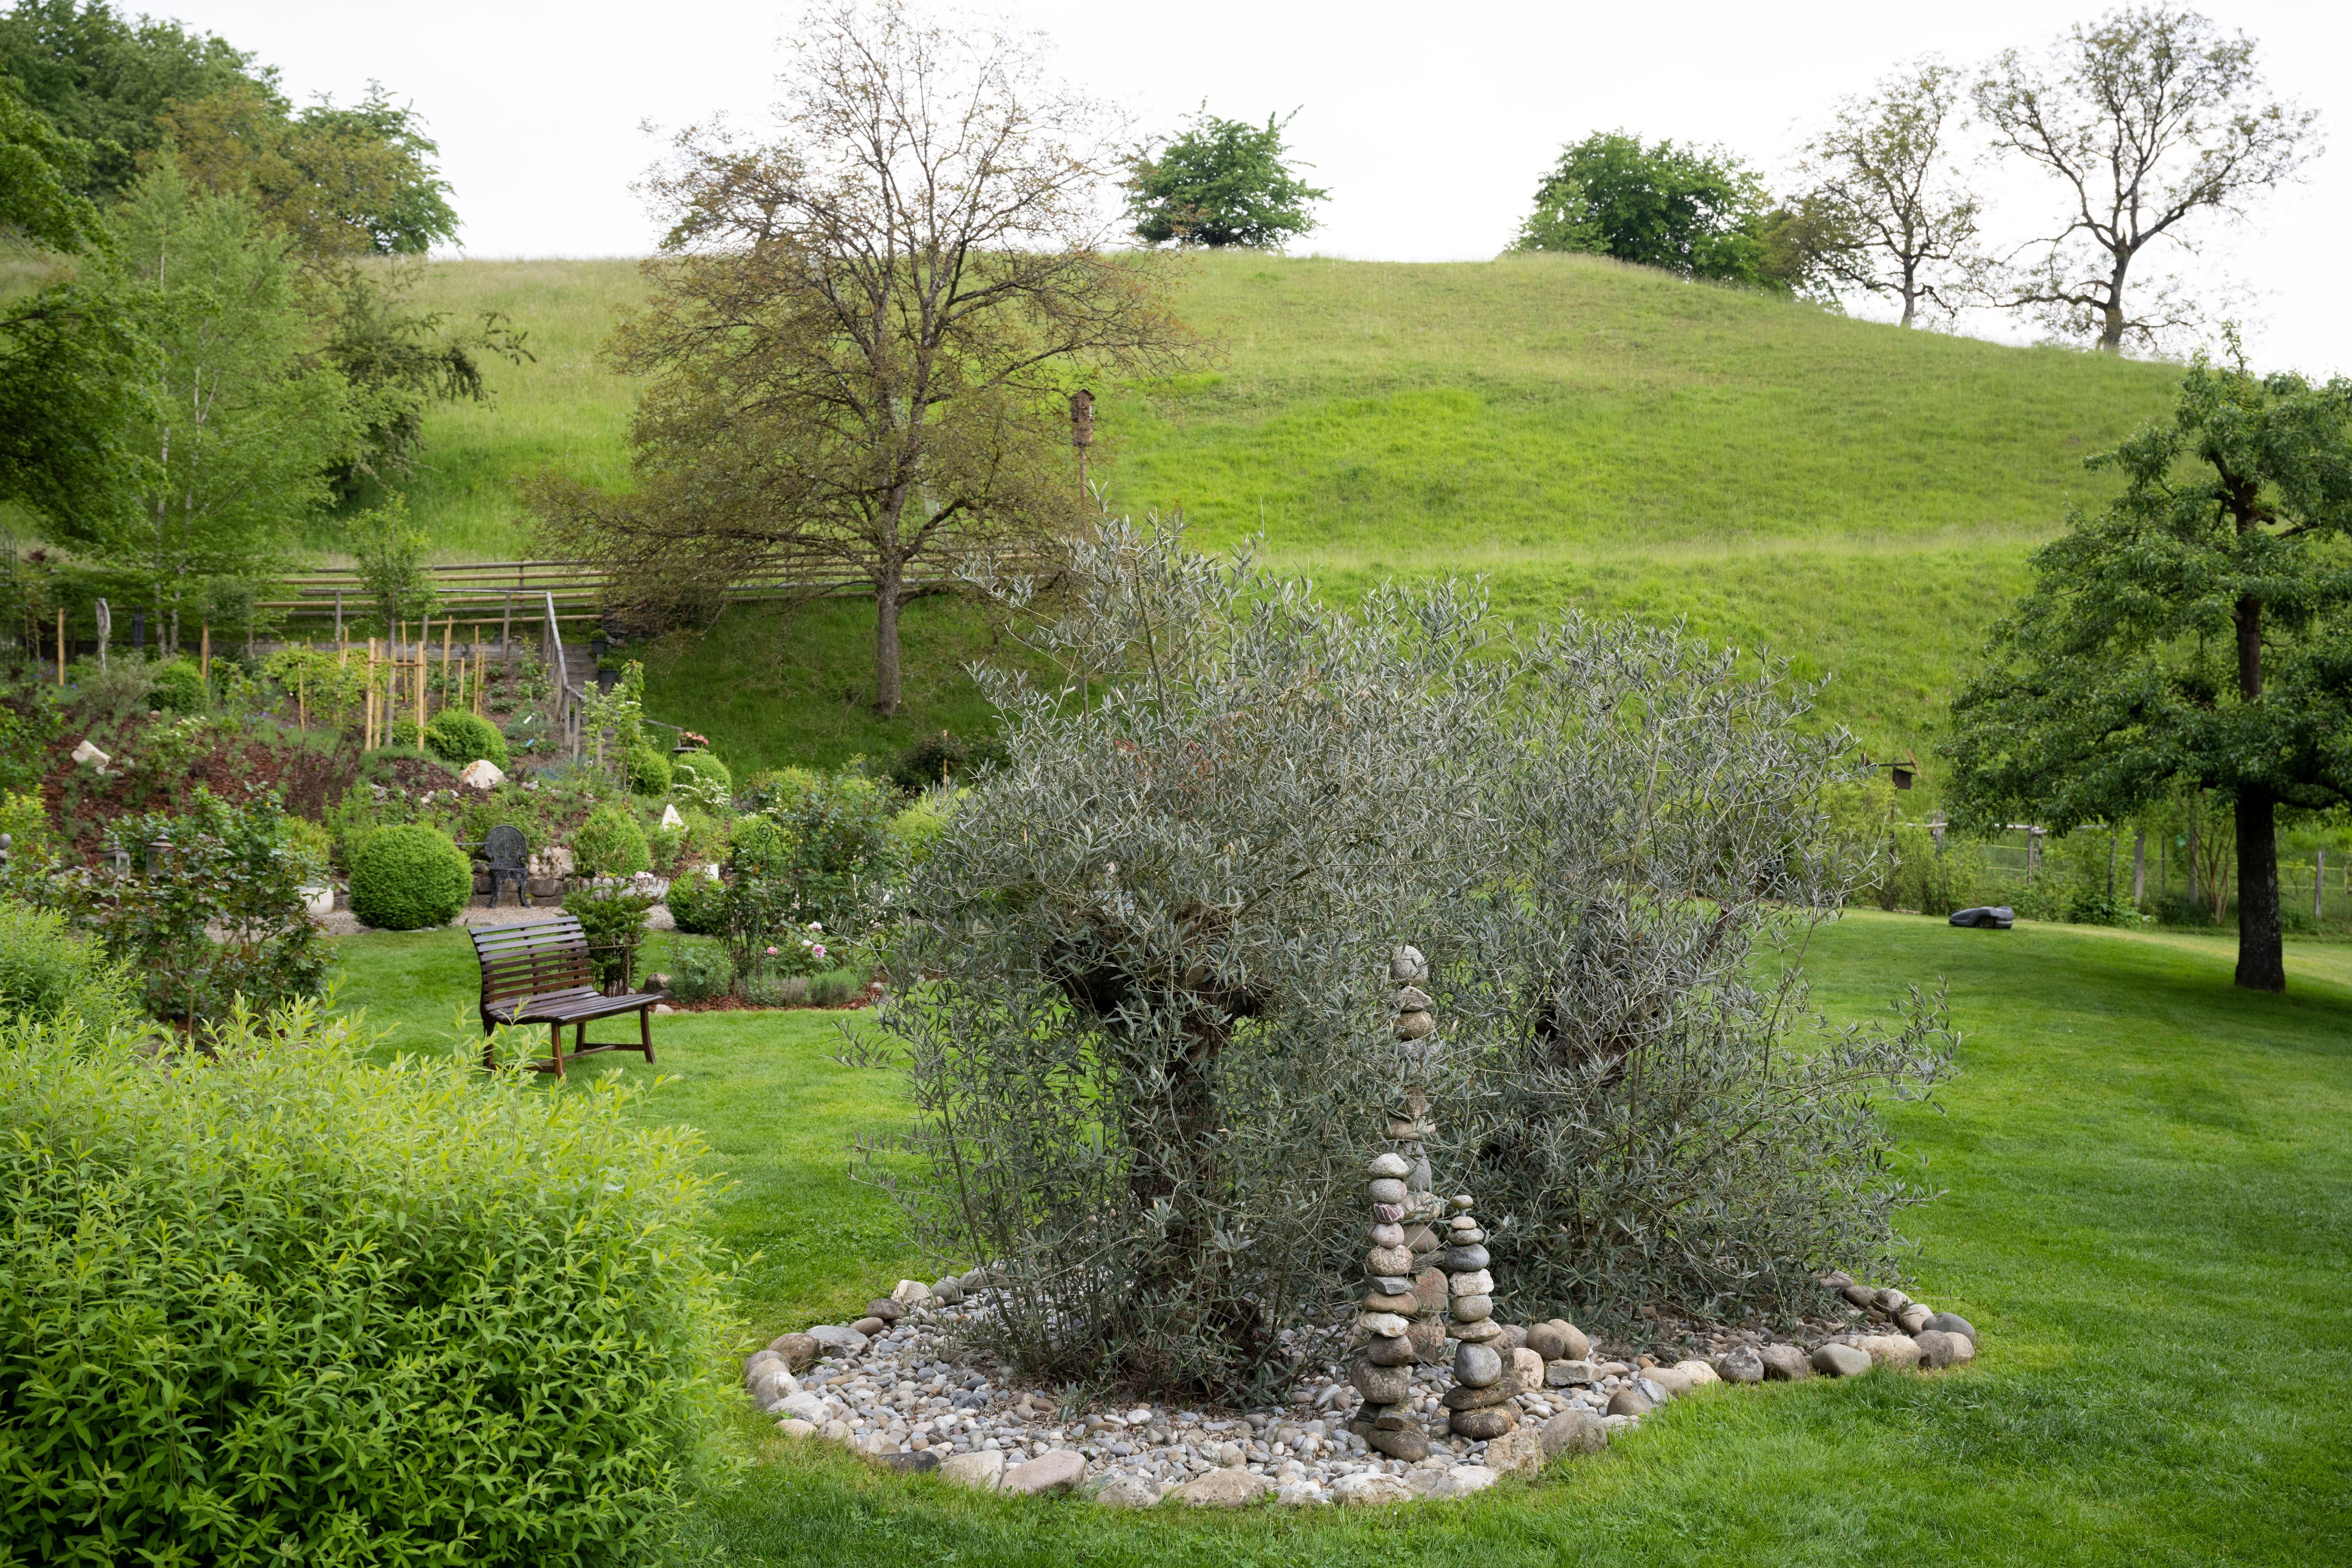 Im Garten pflanzten die Schlossherren unter anderem über 100 Jahre alte Olivenbäume. Sie müssen im Winter mit Flies geschützt werden.